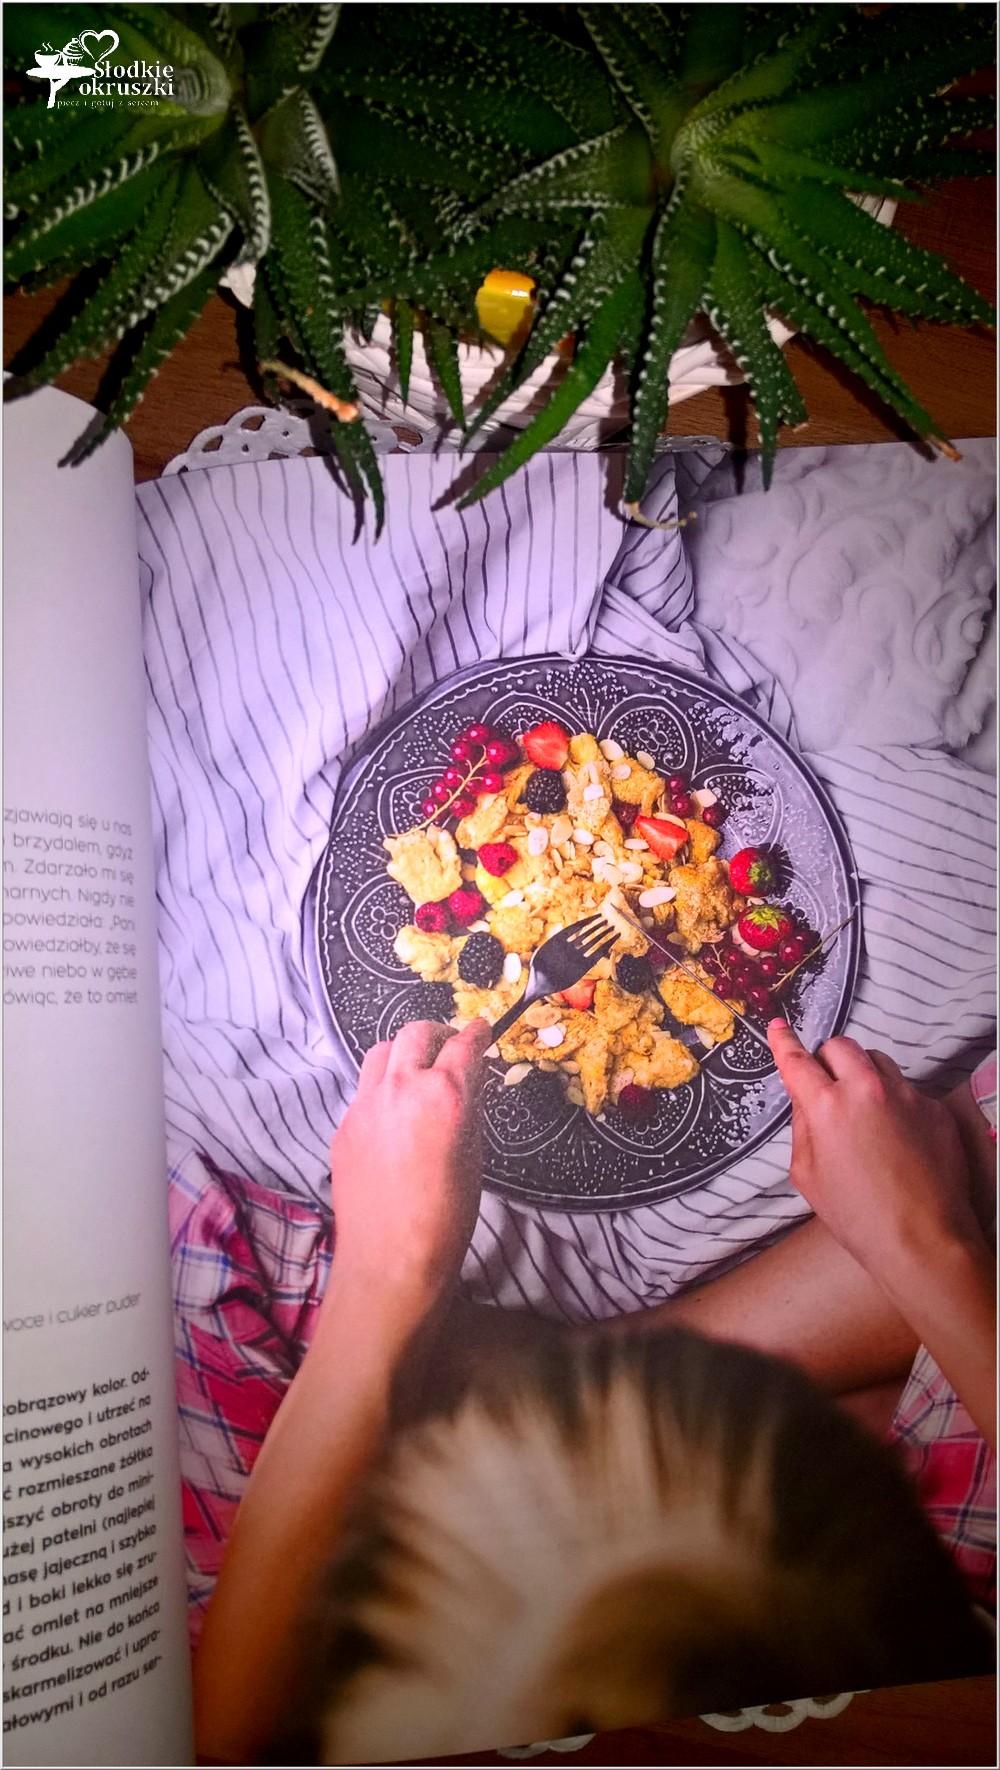 Pyszne poranki. 101 przepisów na smaczne i zdrowe śniadania (3)